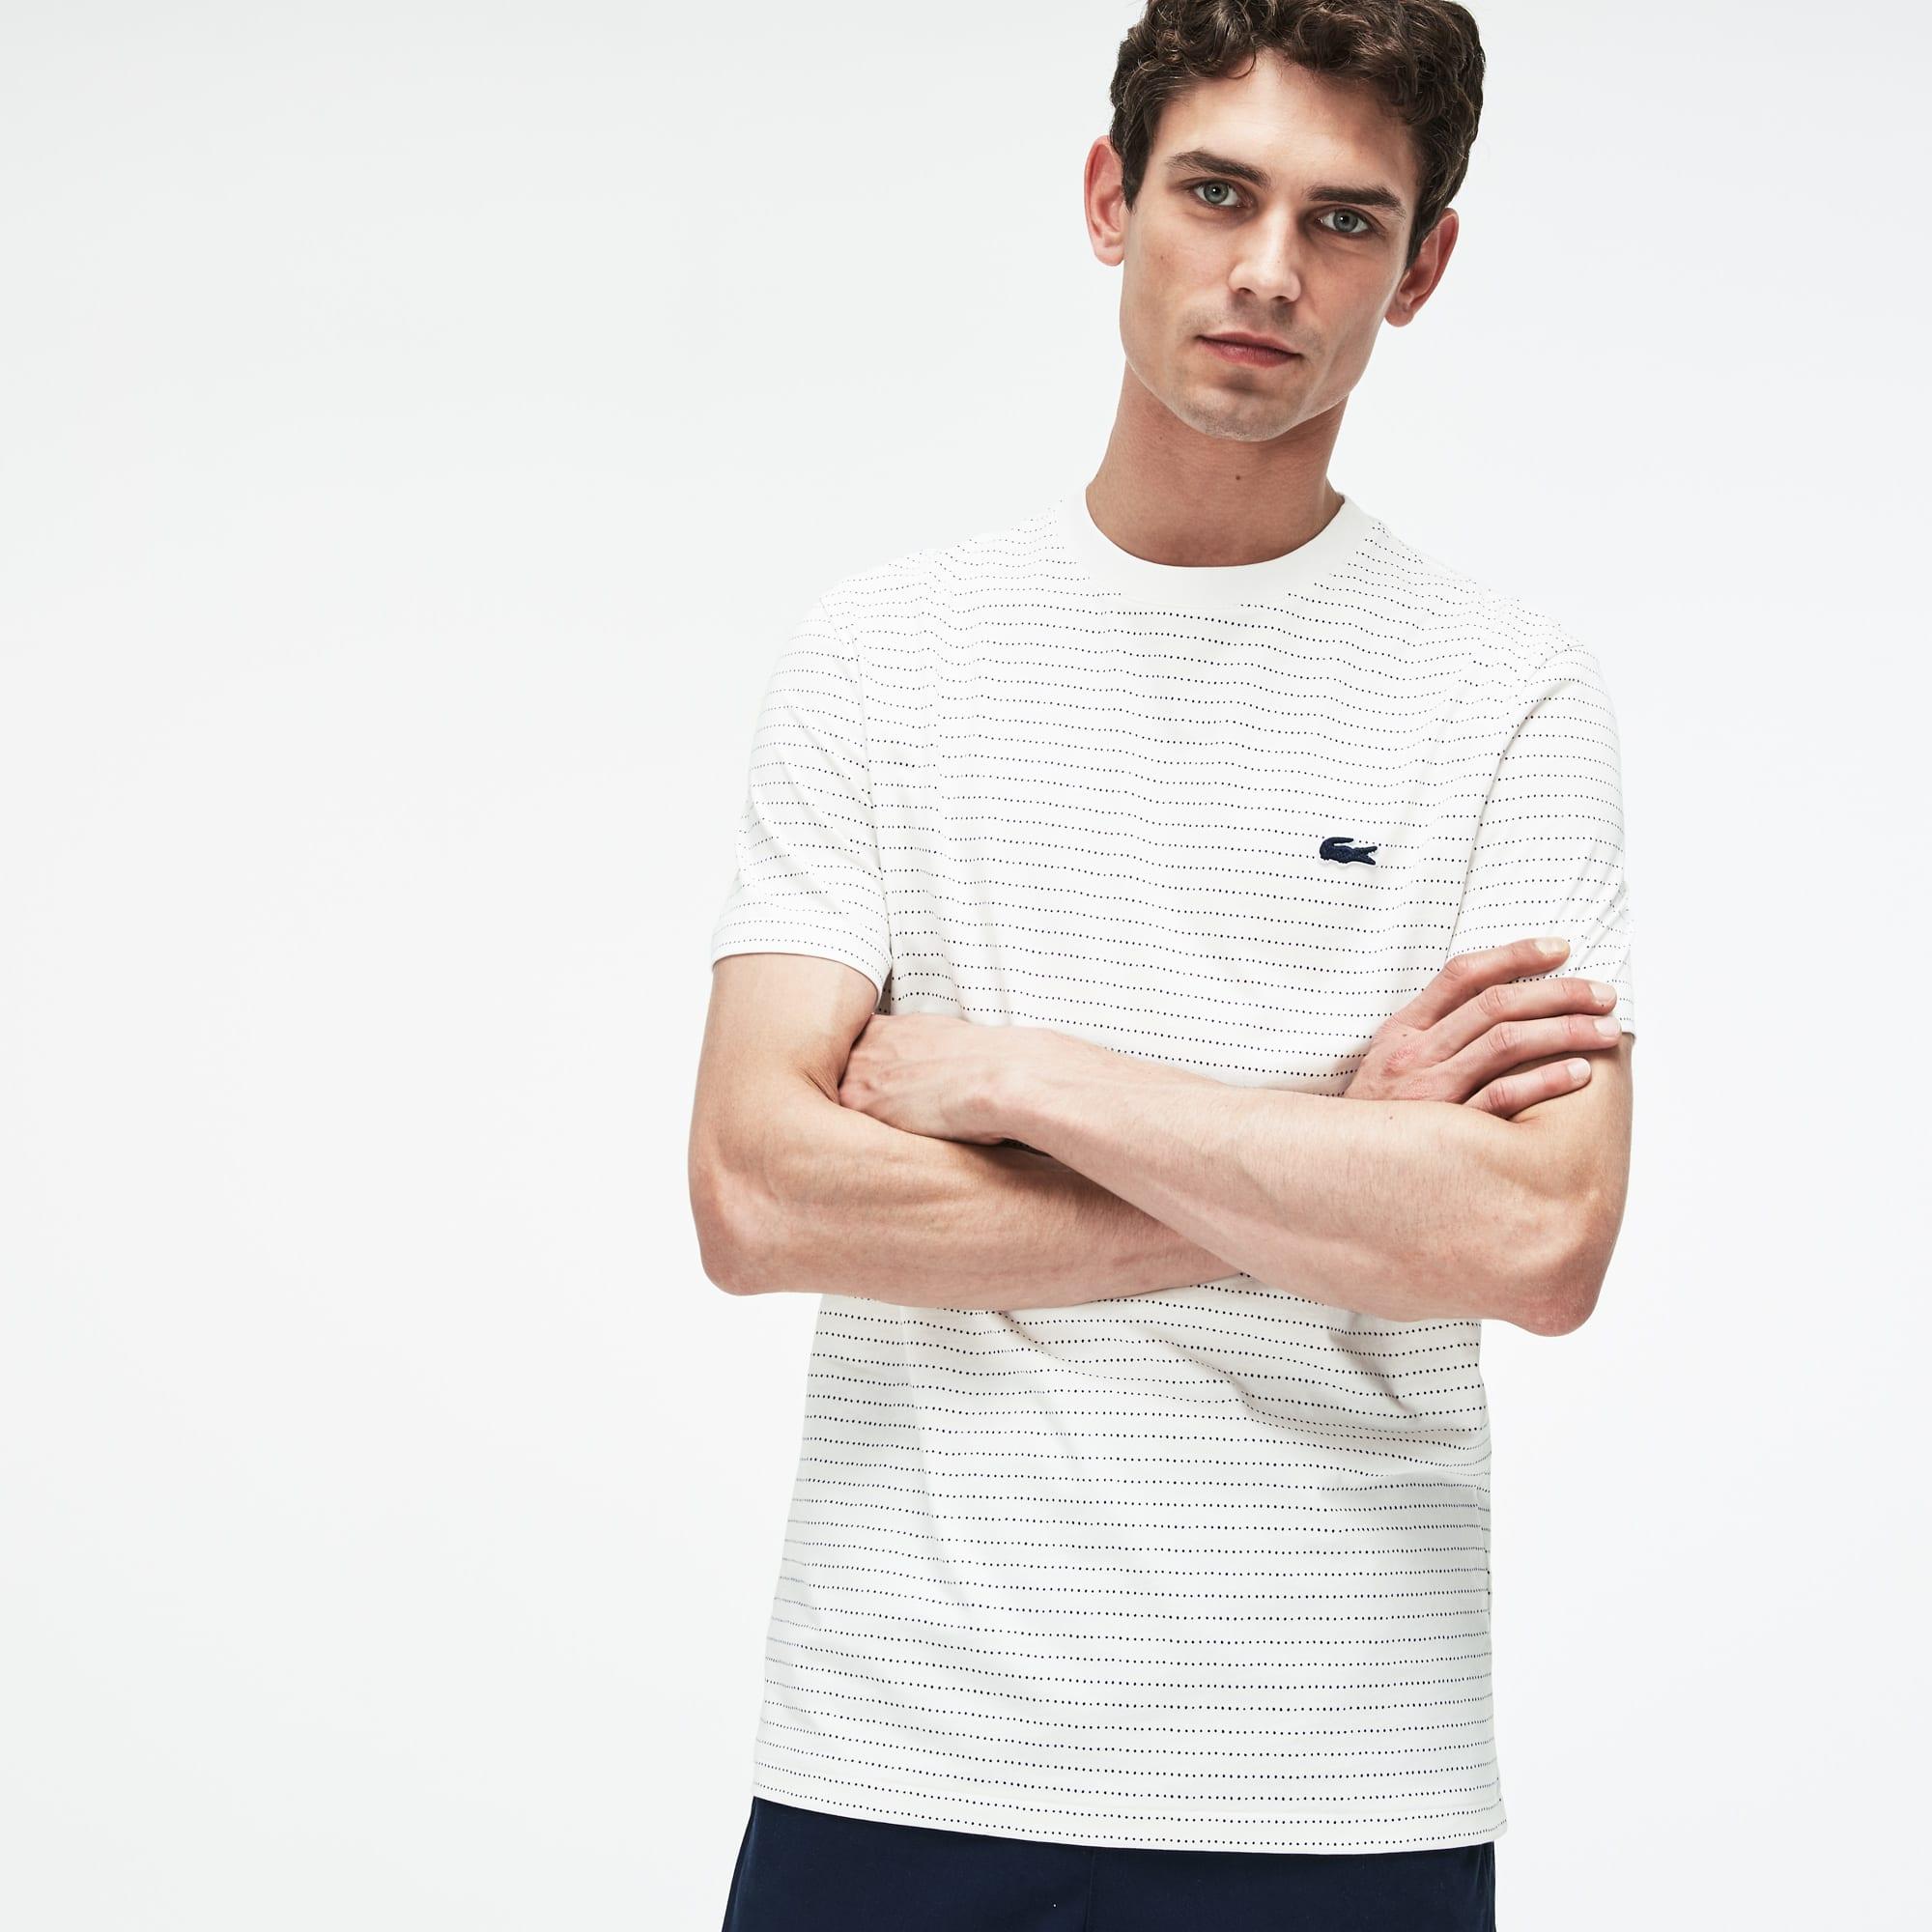 Herren Rundhals-T-Shirt aus Baumwolljersey mit Netz-Aufdruck